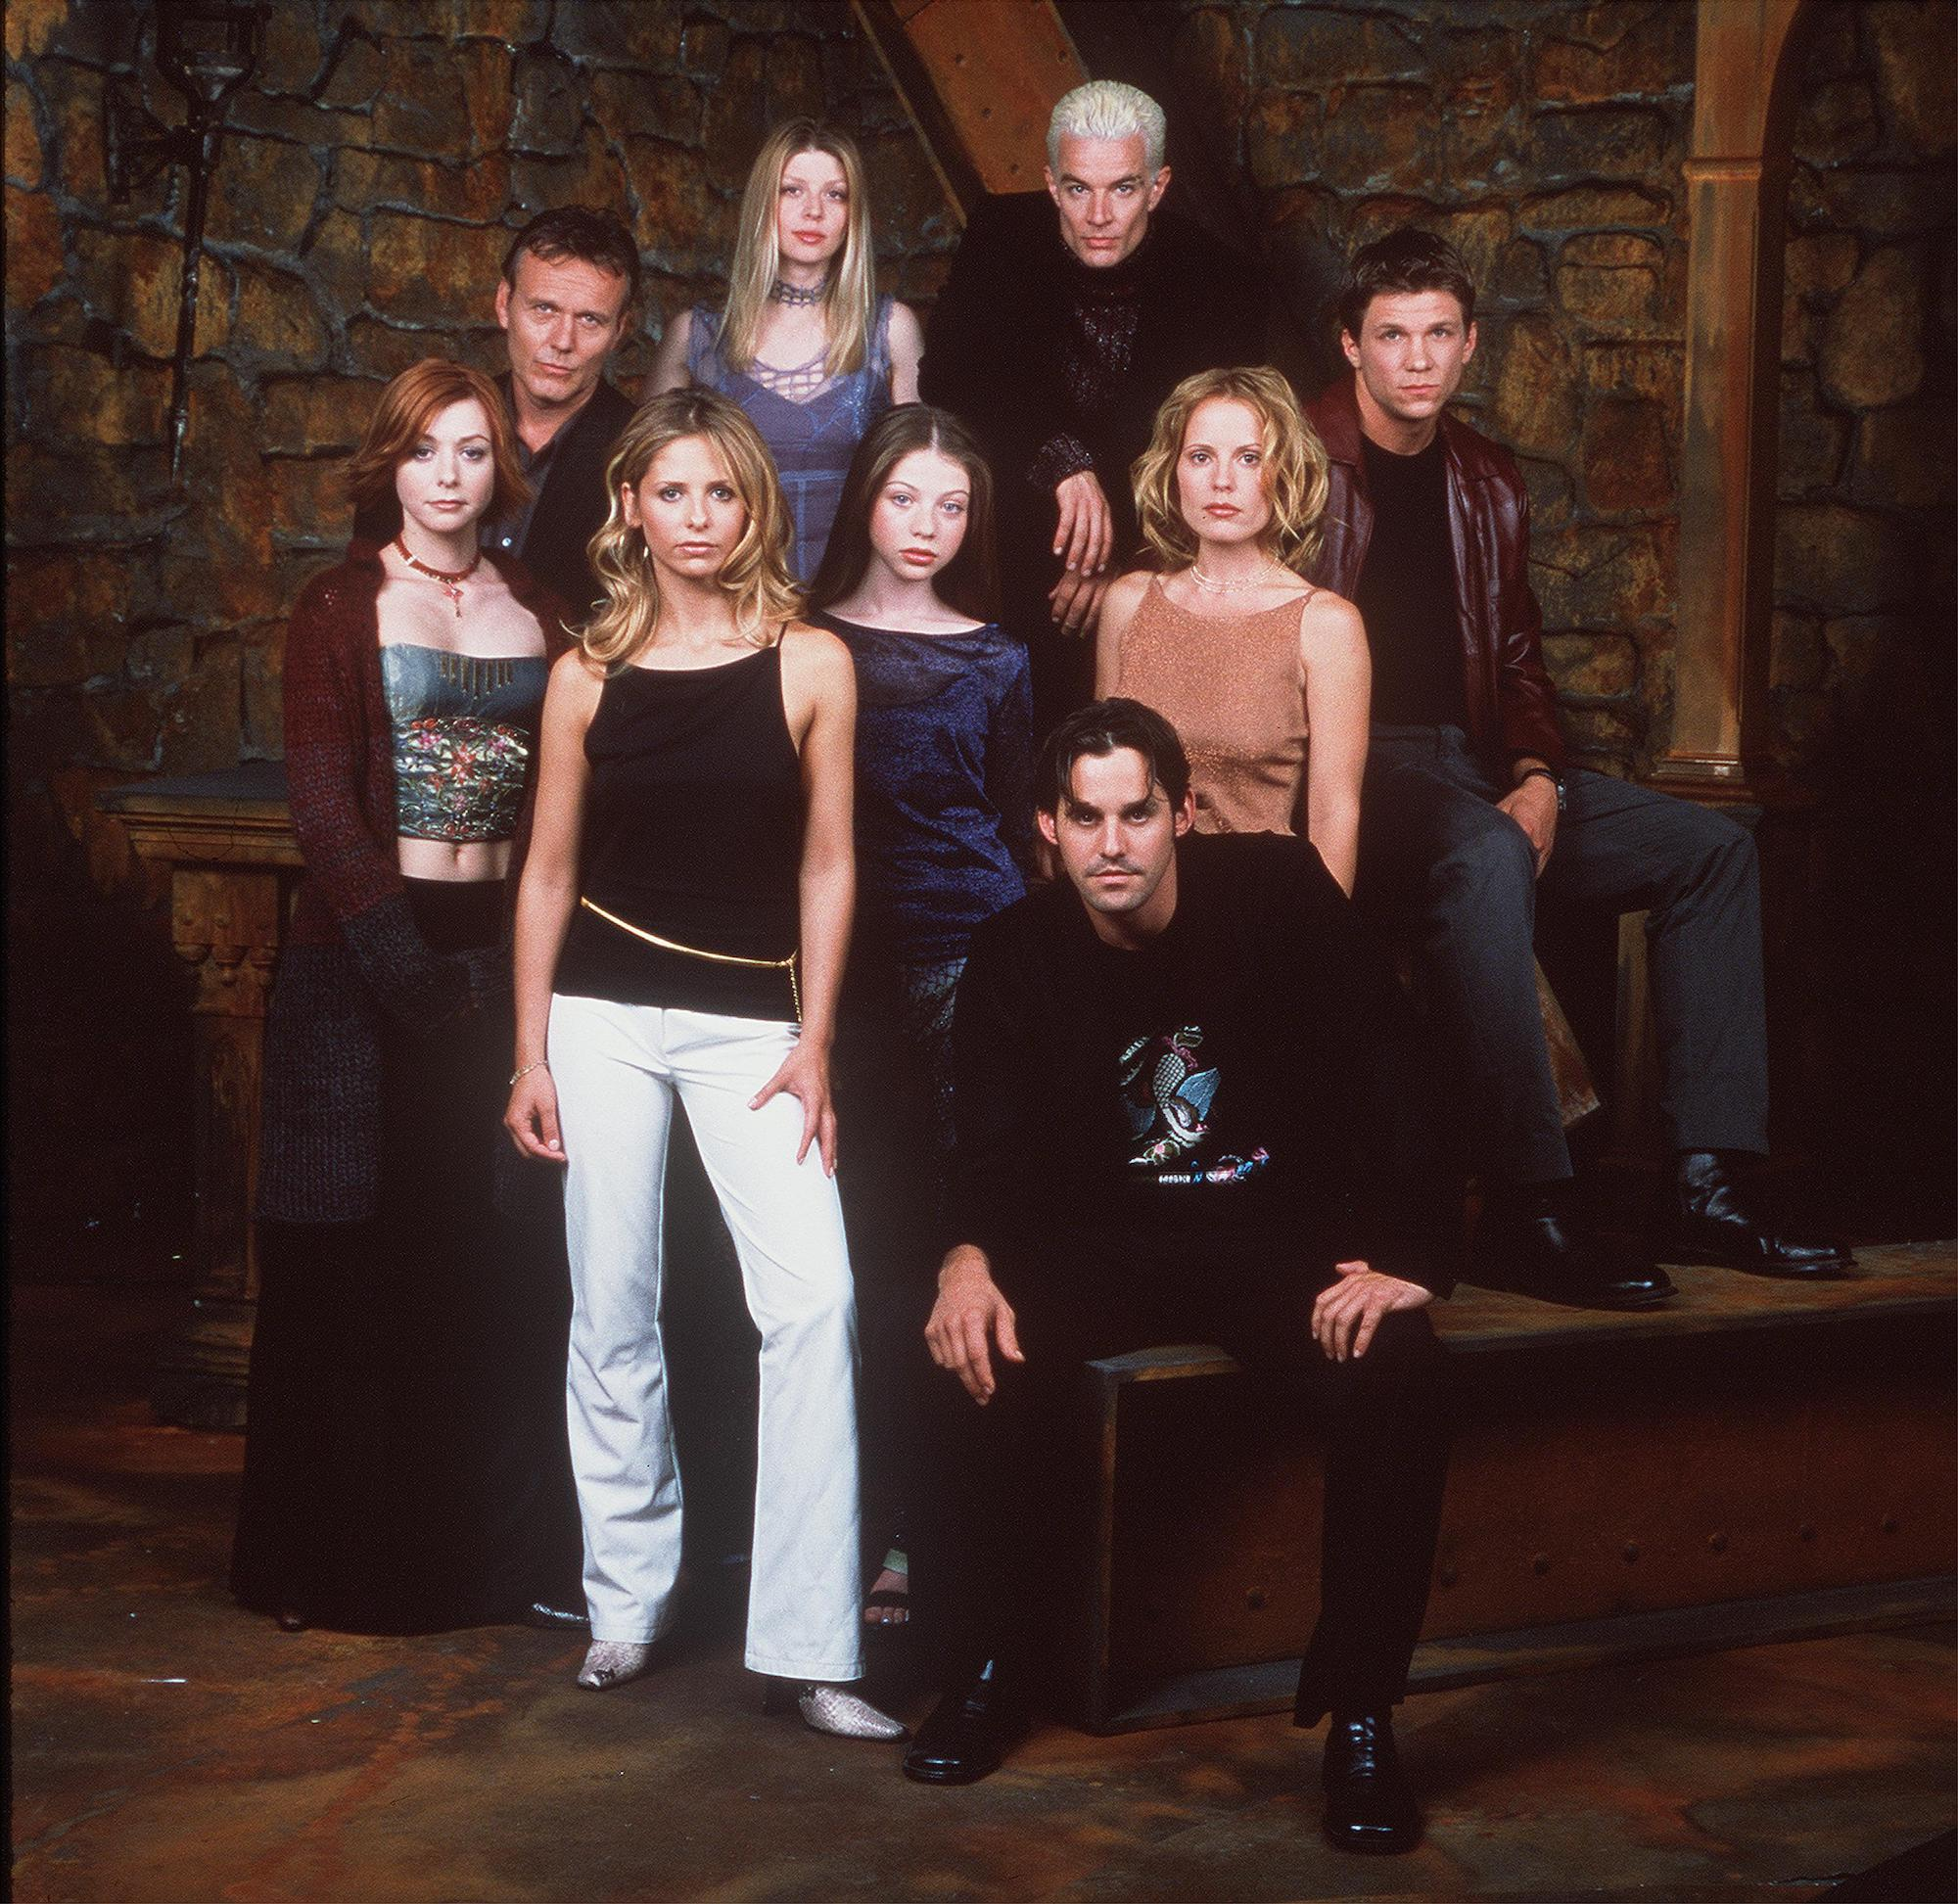 """Le casting de la 20th Century Fox """"Buffy contre les vampires"""" pose pour un portrait le 10 octobre 2000."""